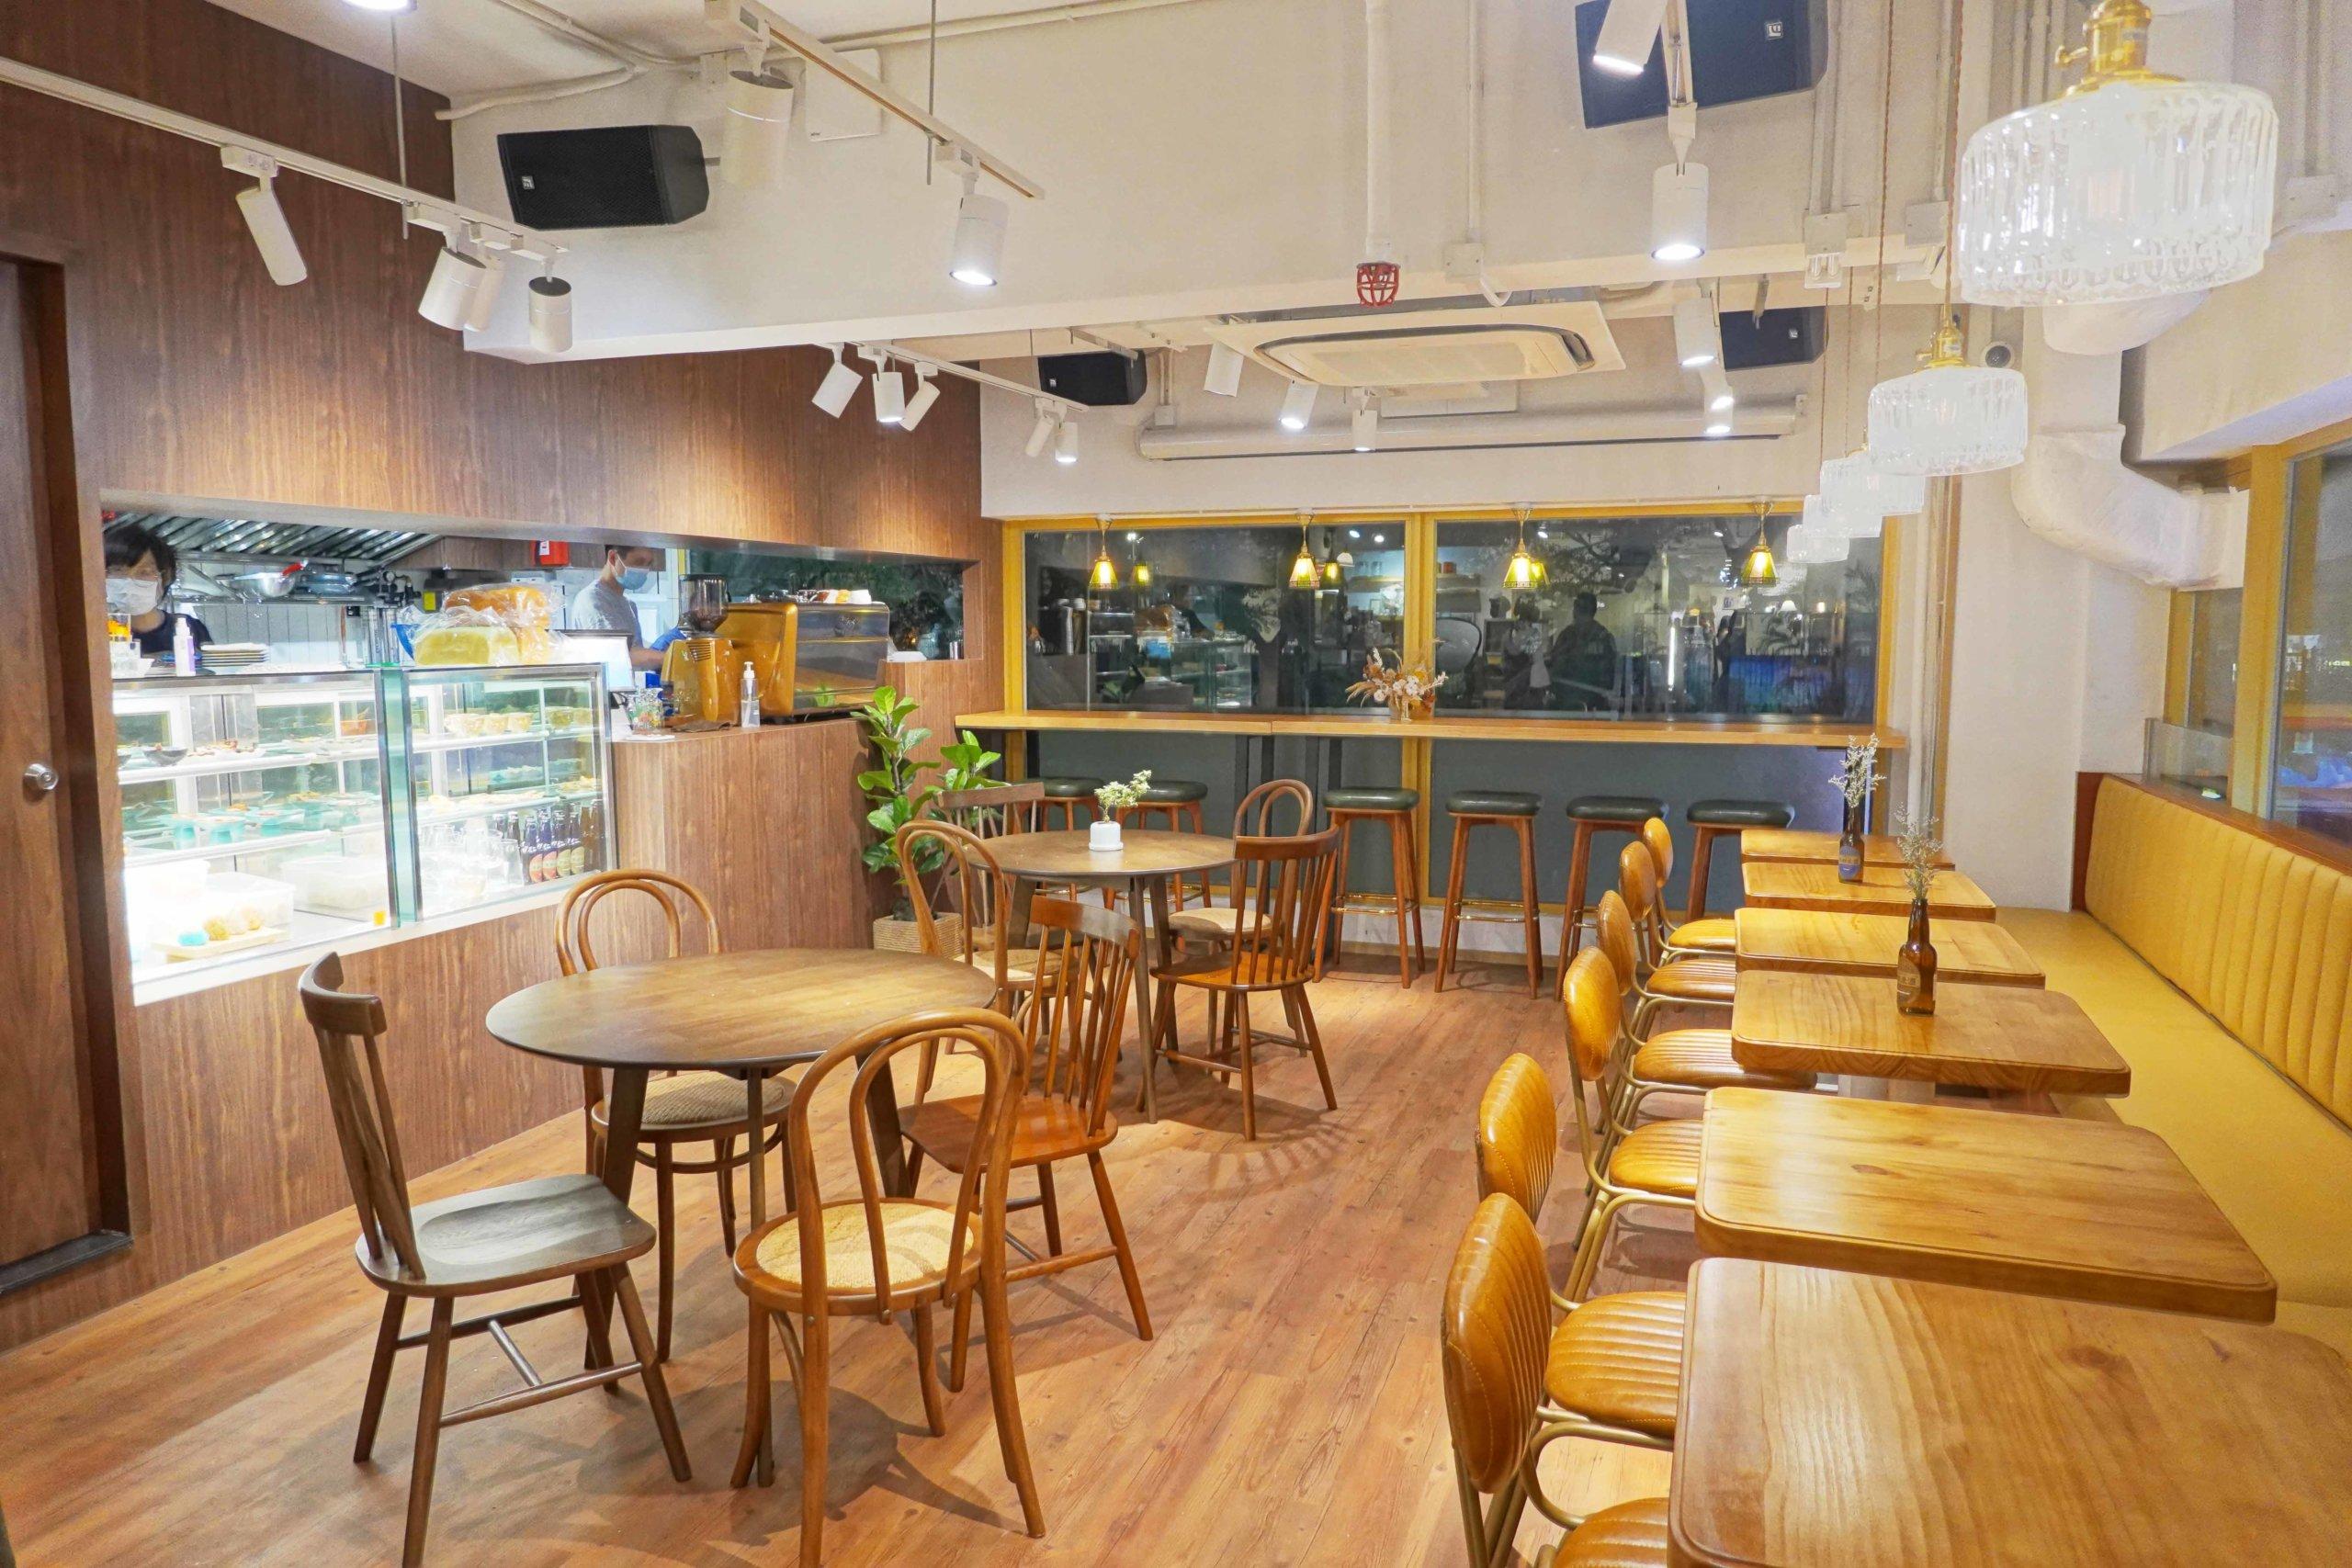 店內均是木家具,連牆身及梳化都是木色,十足京都的喫茶室!